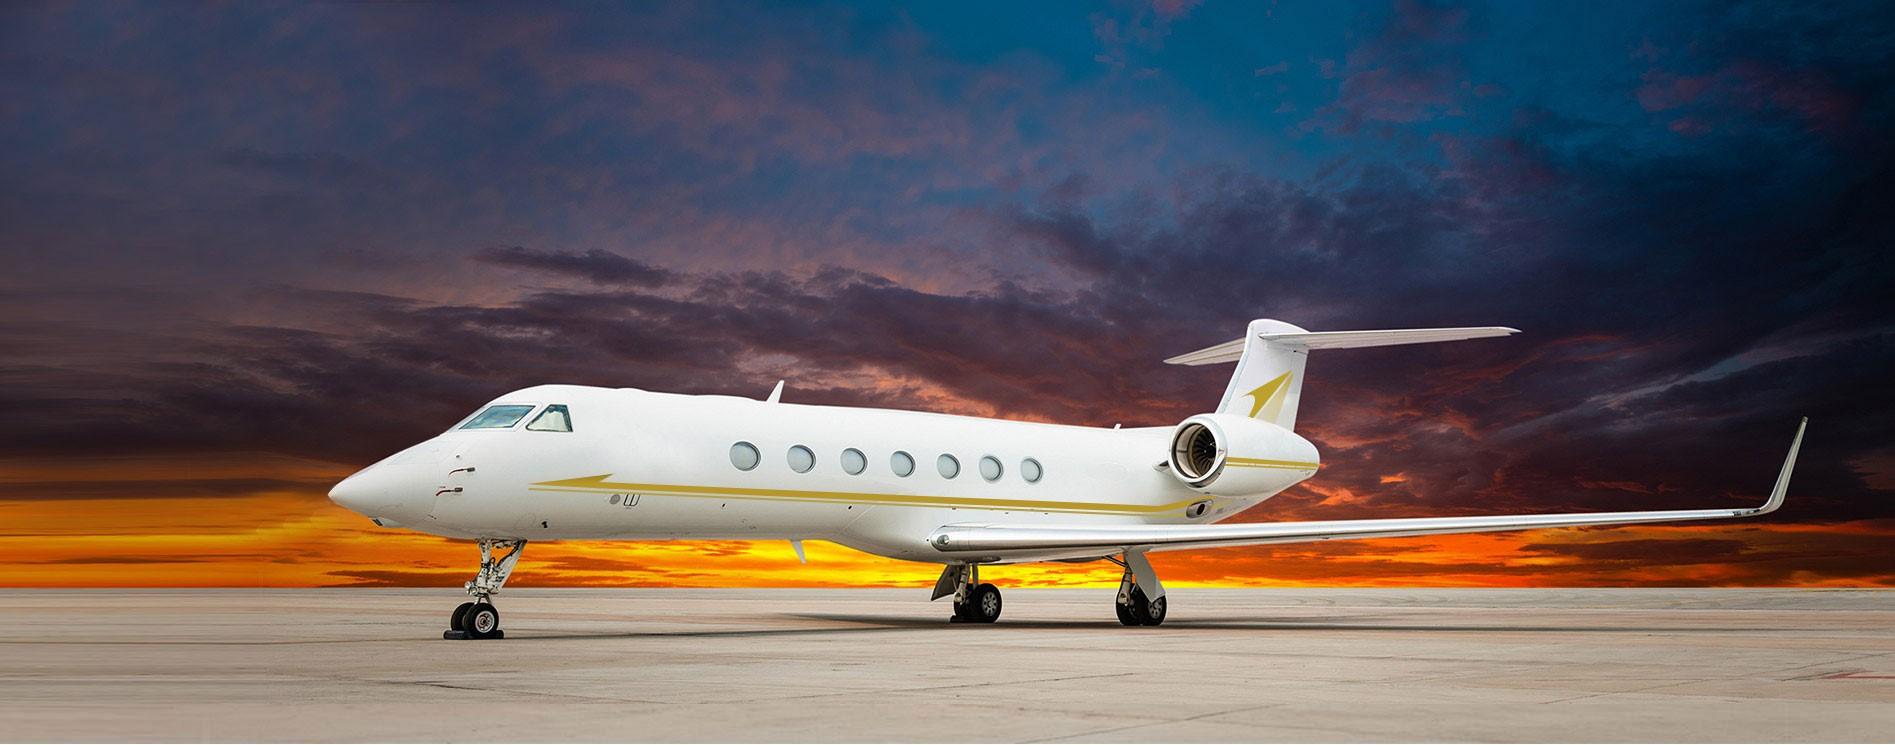 1806babedfdae المملكة تشغل 6 خطوطاً للطيران خلال عام